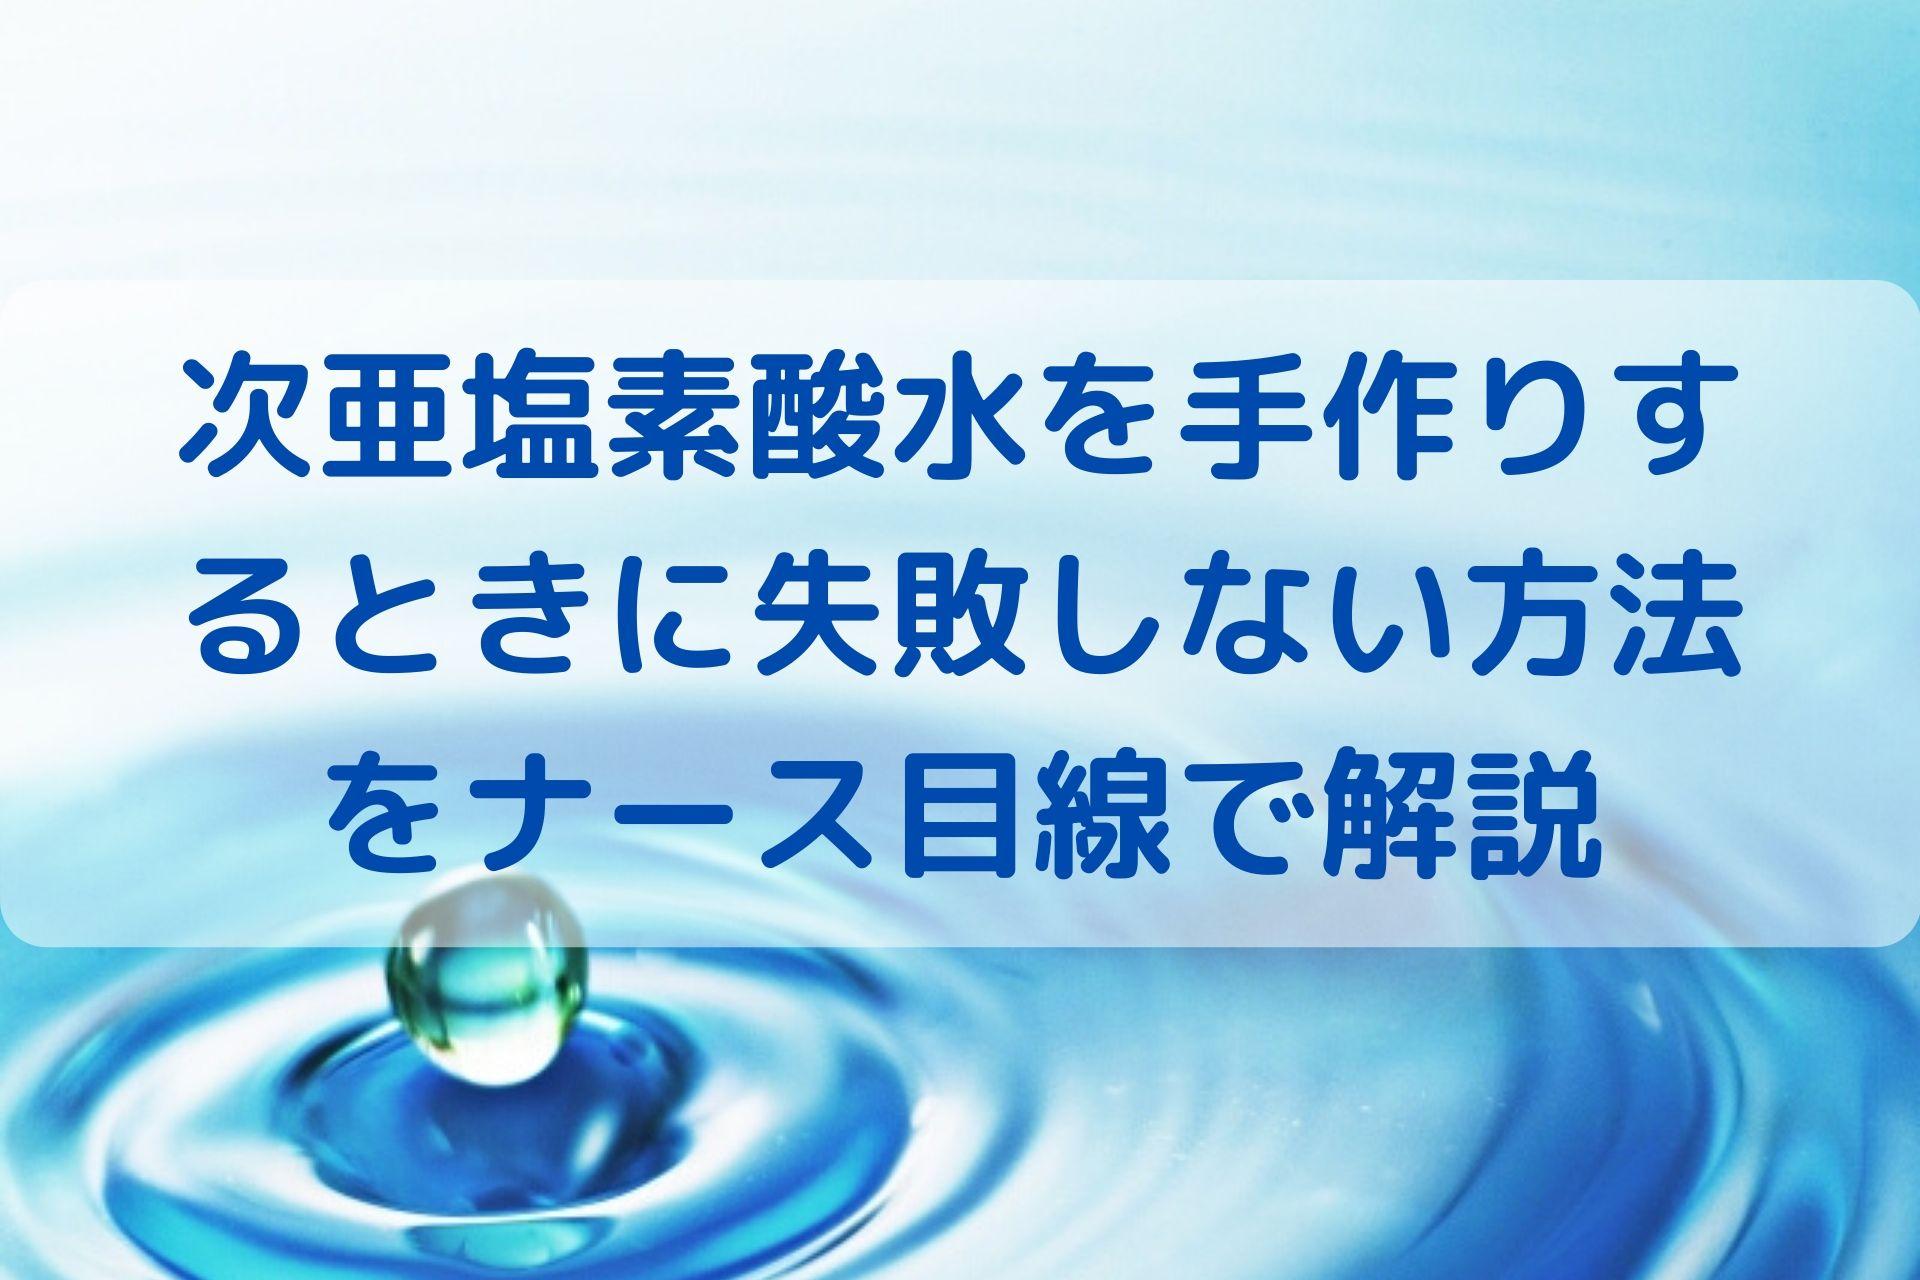 次亜塩素酸水を手作りするときに失敗しない方法をナース目線で解説